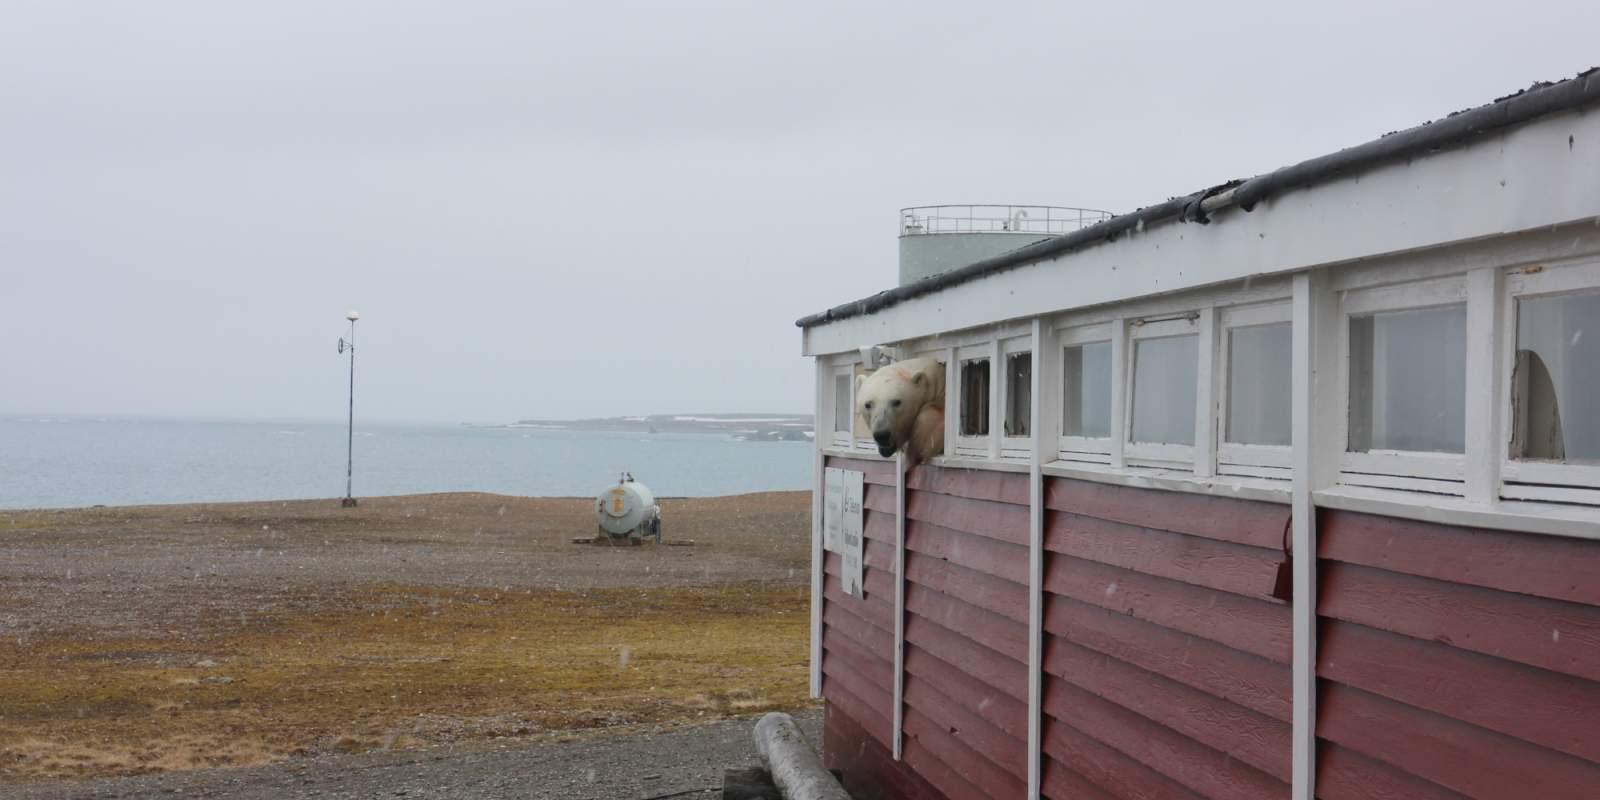 Svalbard : Un ours polaire s'introduit dans un bâtiment pour manger du chocolat